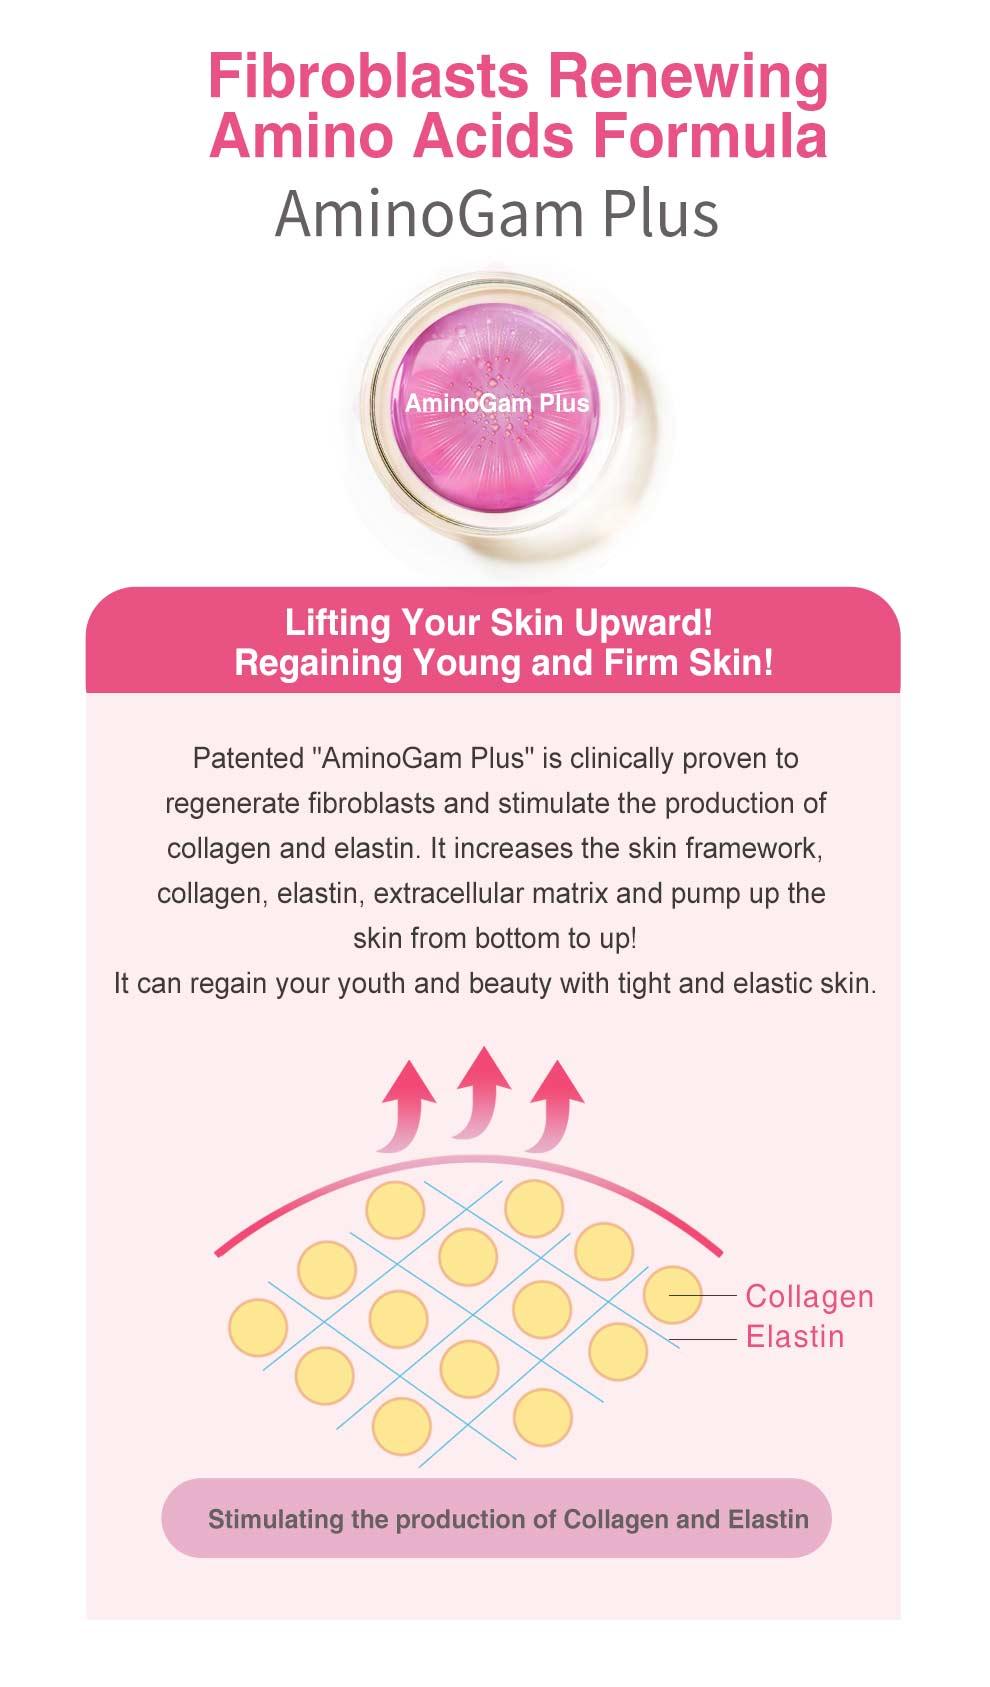 修復細胞,除去皺紋,增生膠原蛋白